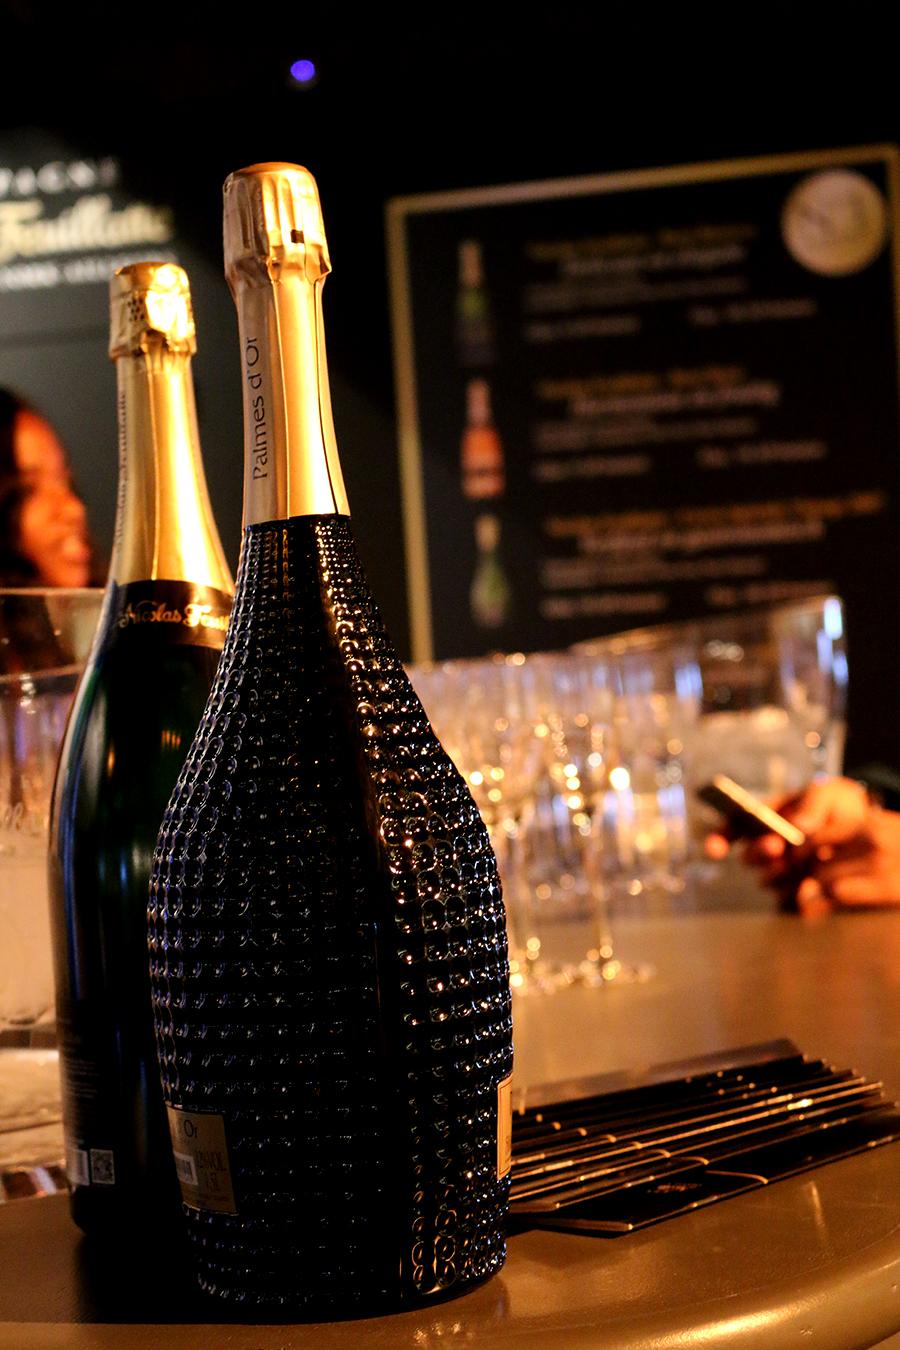 Antwerpen proeft, Antwerpen, Reizen, Eten en drinken in Antwerpen